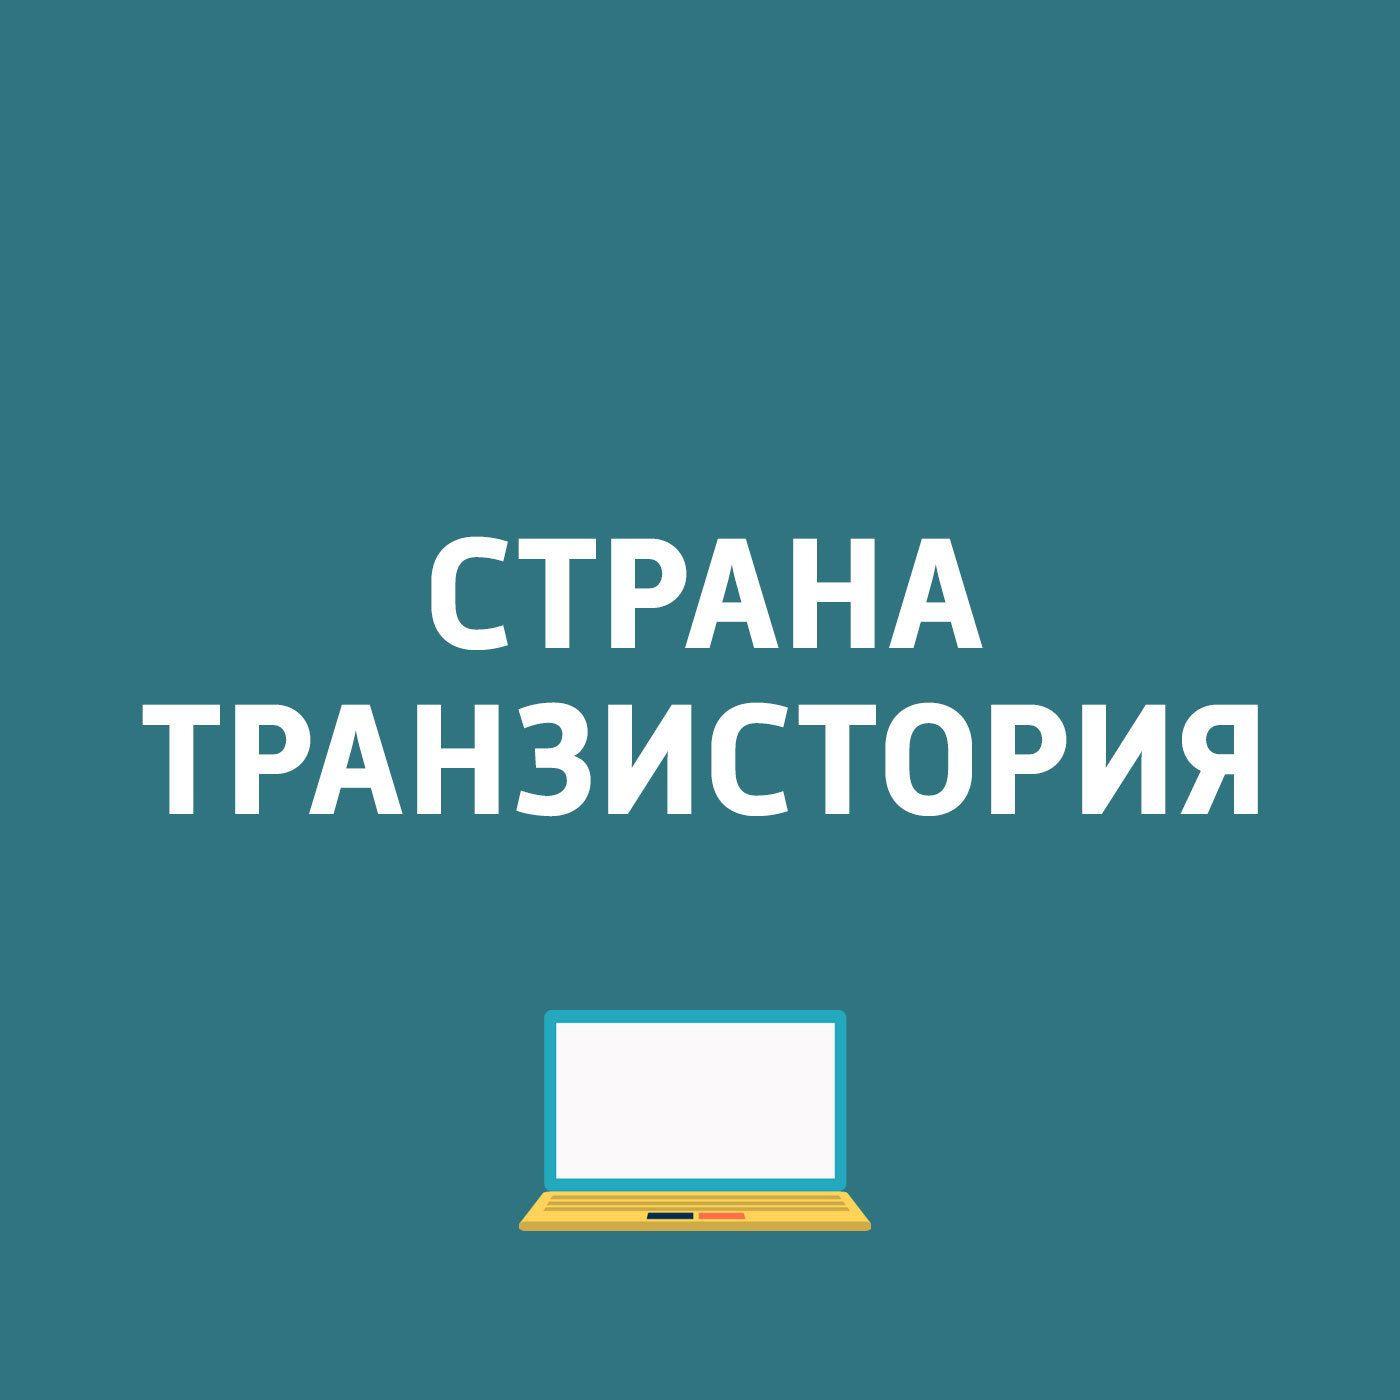 Картаев Павел Реклама появится в мессенджере Facebook в 2020 году алексей номейн качественная реклама наfacebook